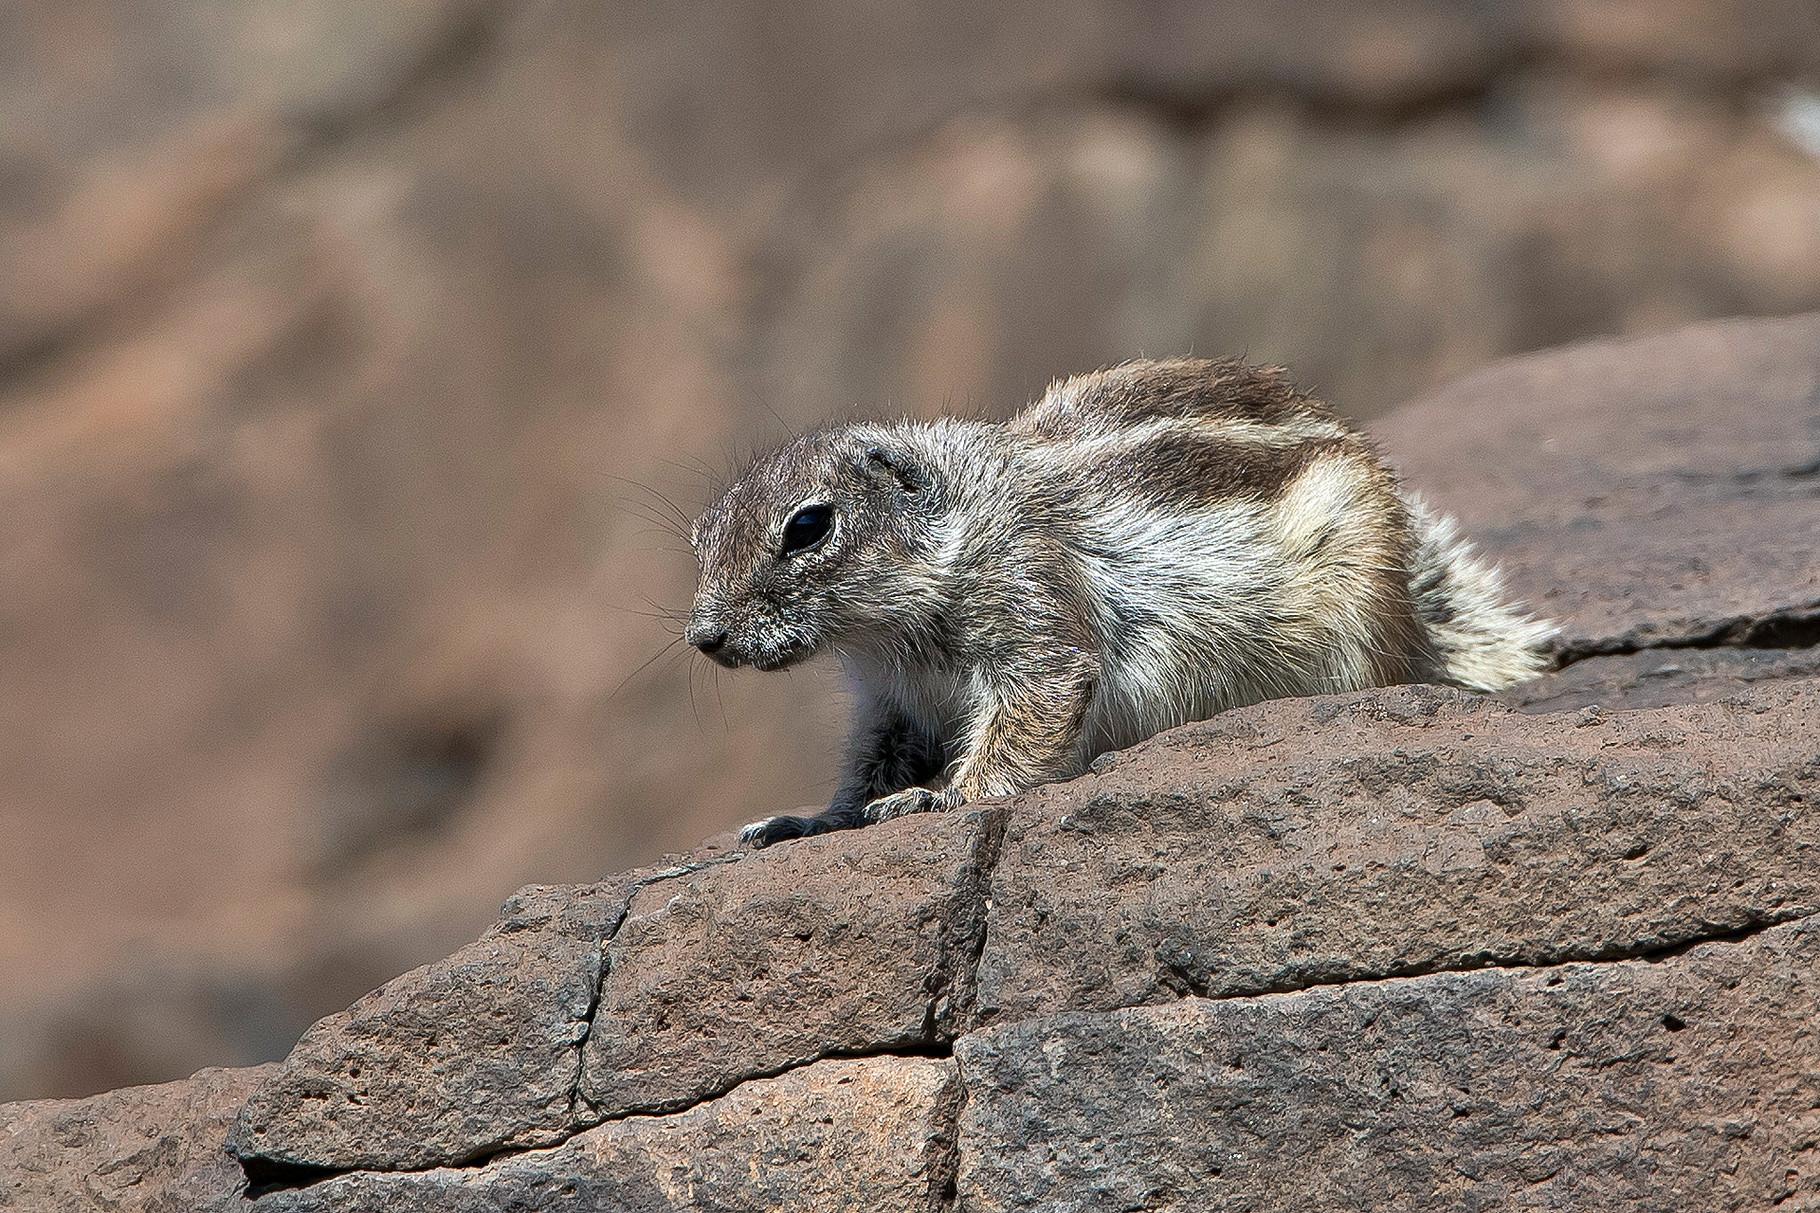 Das einzige häufig zu beobachtende wildlebende Säugetier auf der Insel...